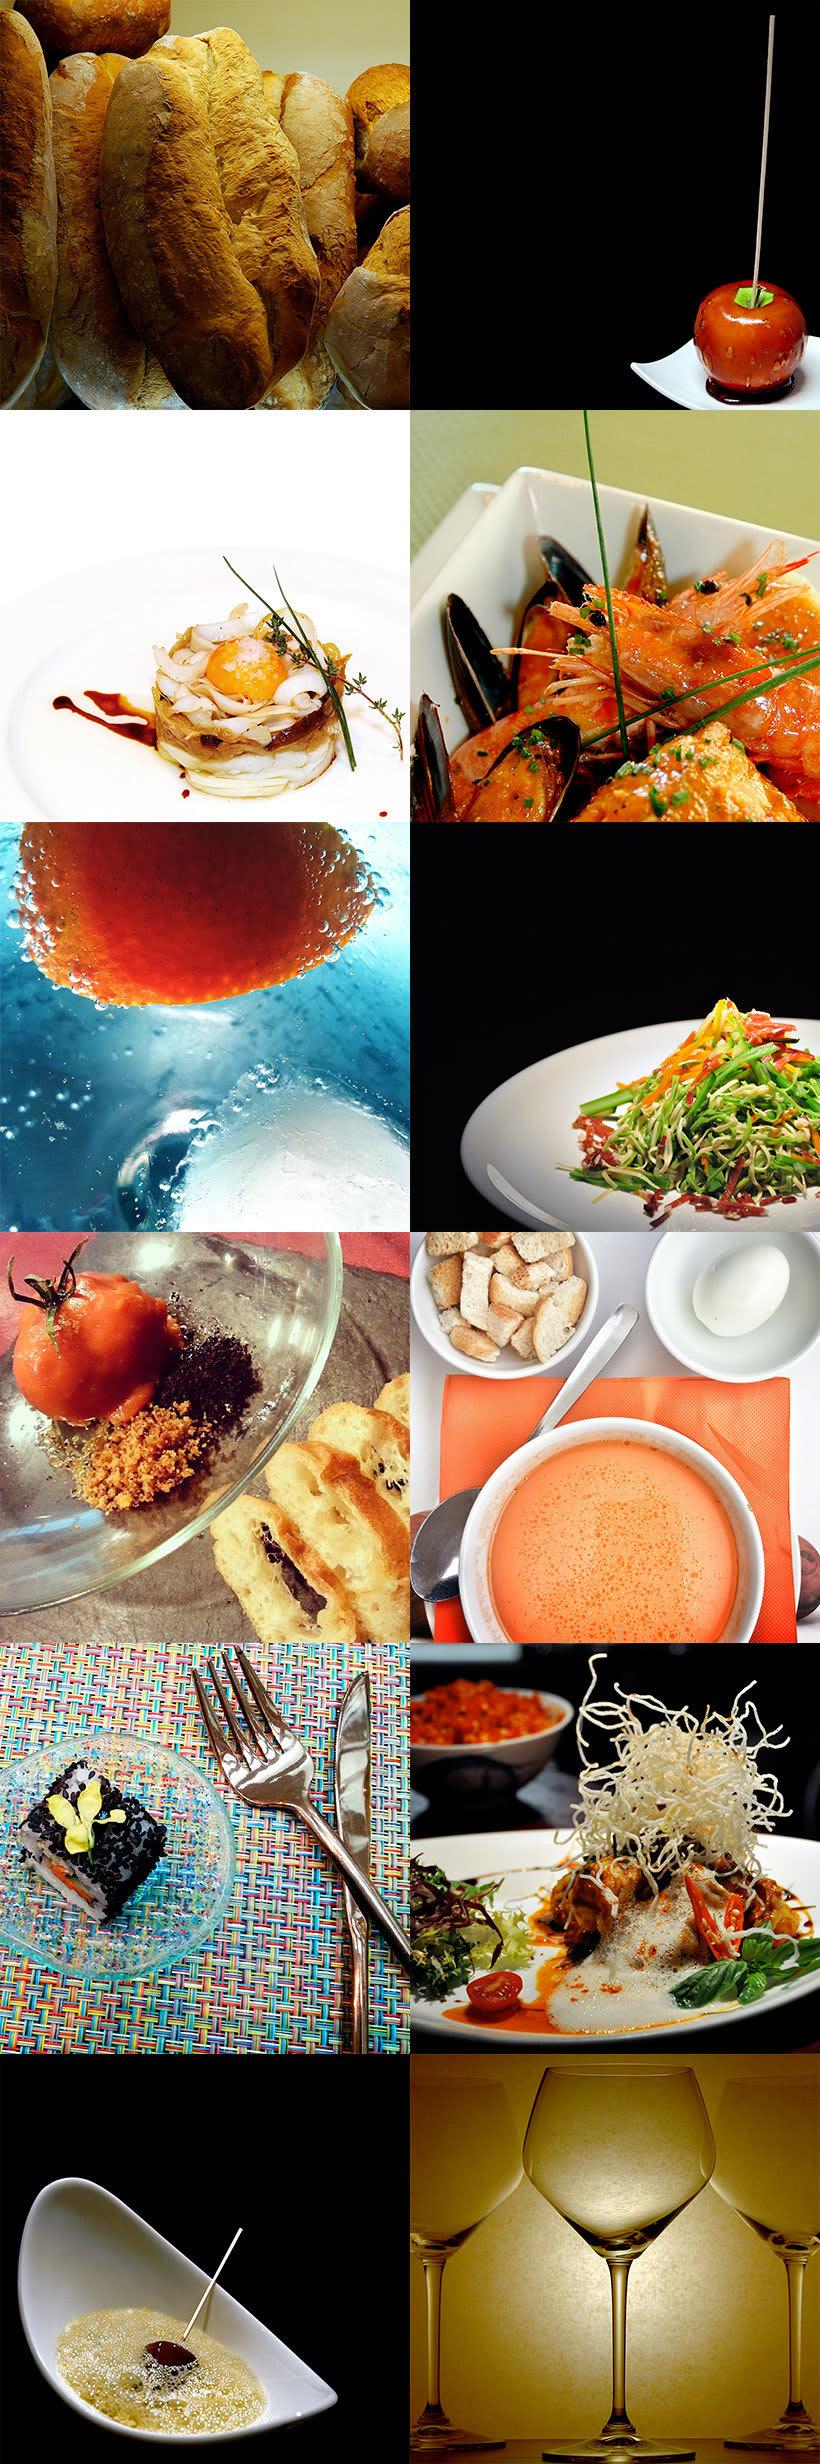 Food -1